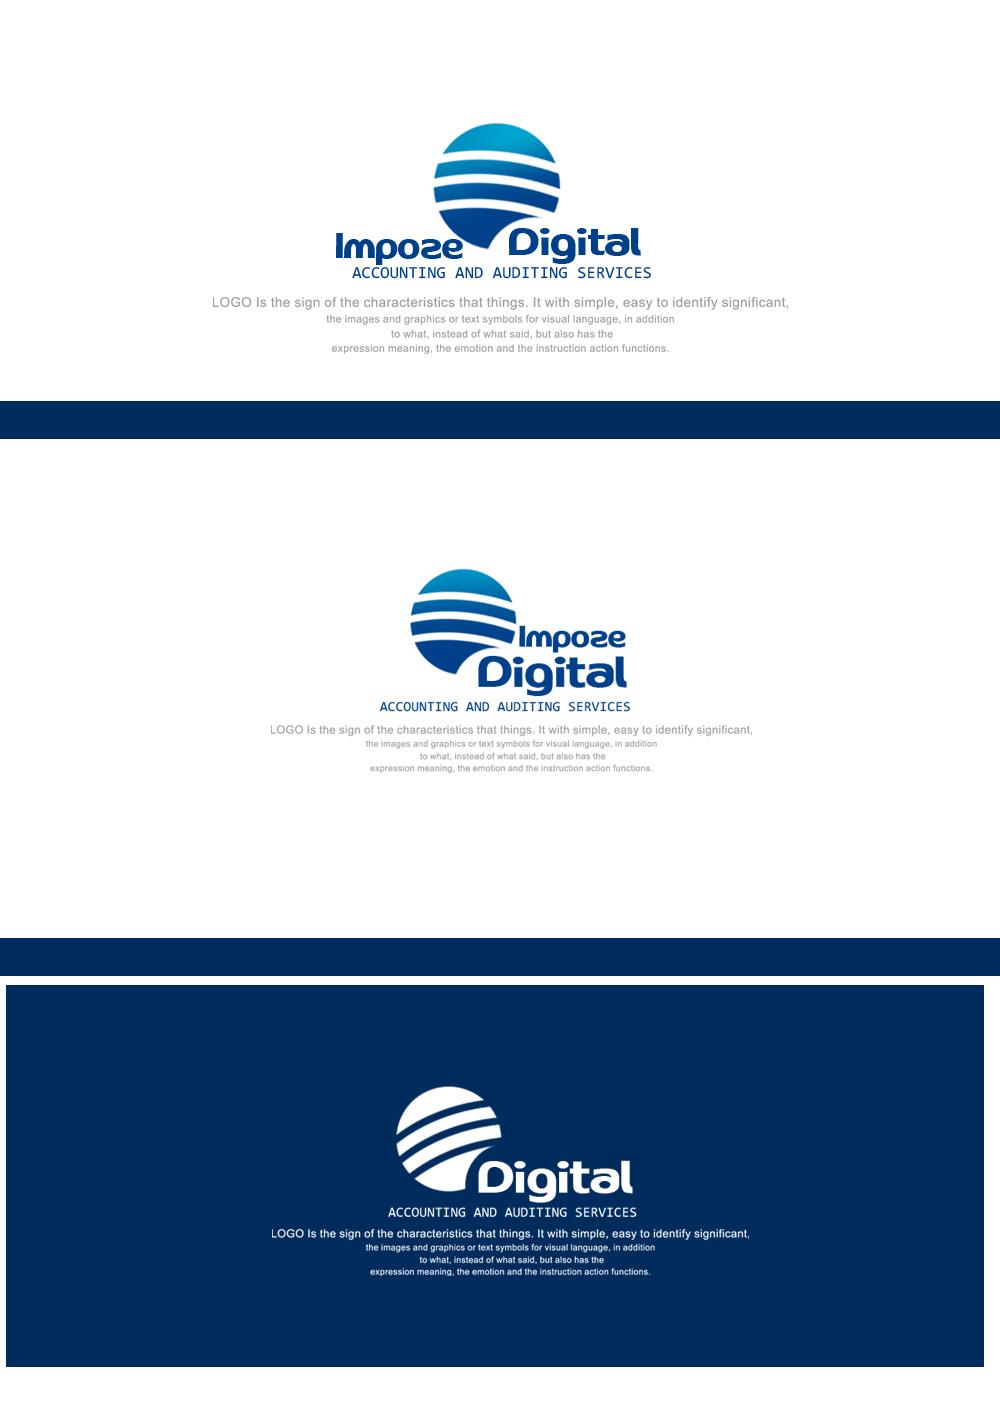 网络公司logo 设计(网路营销公司)